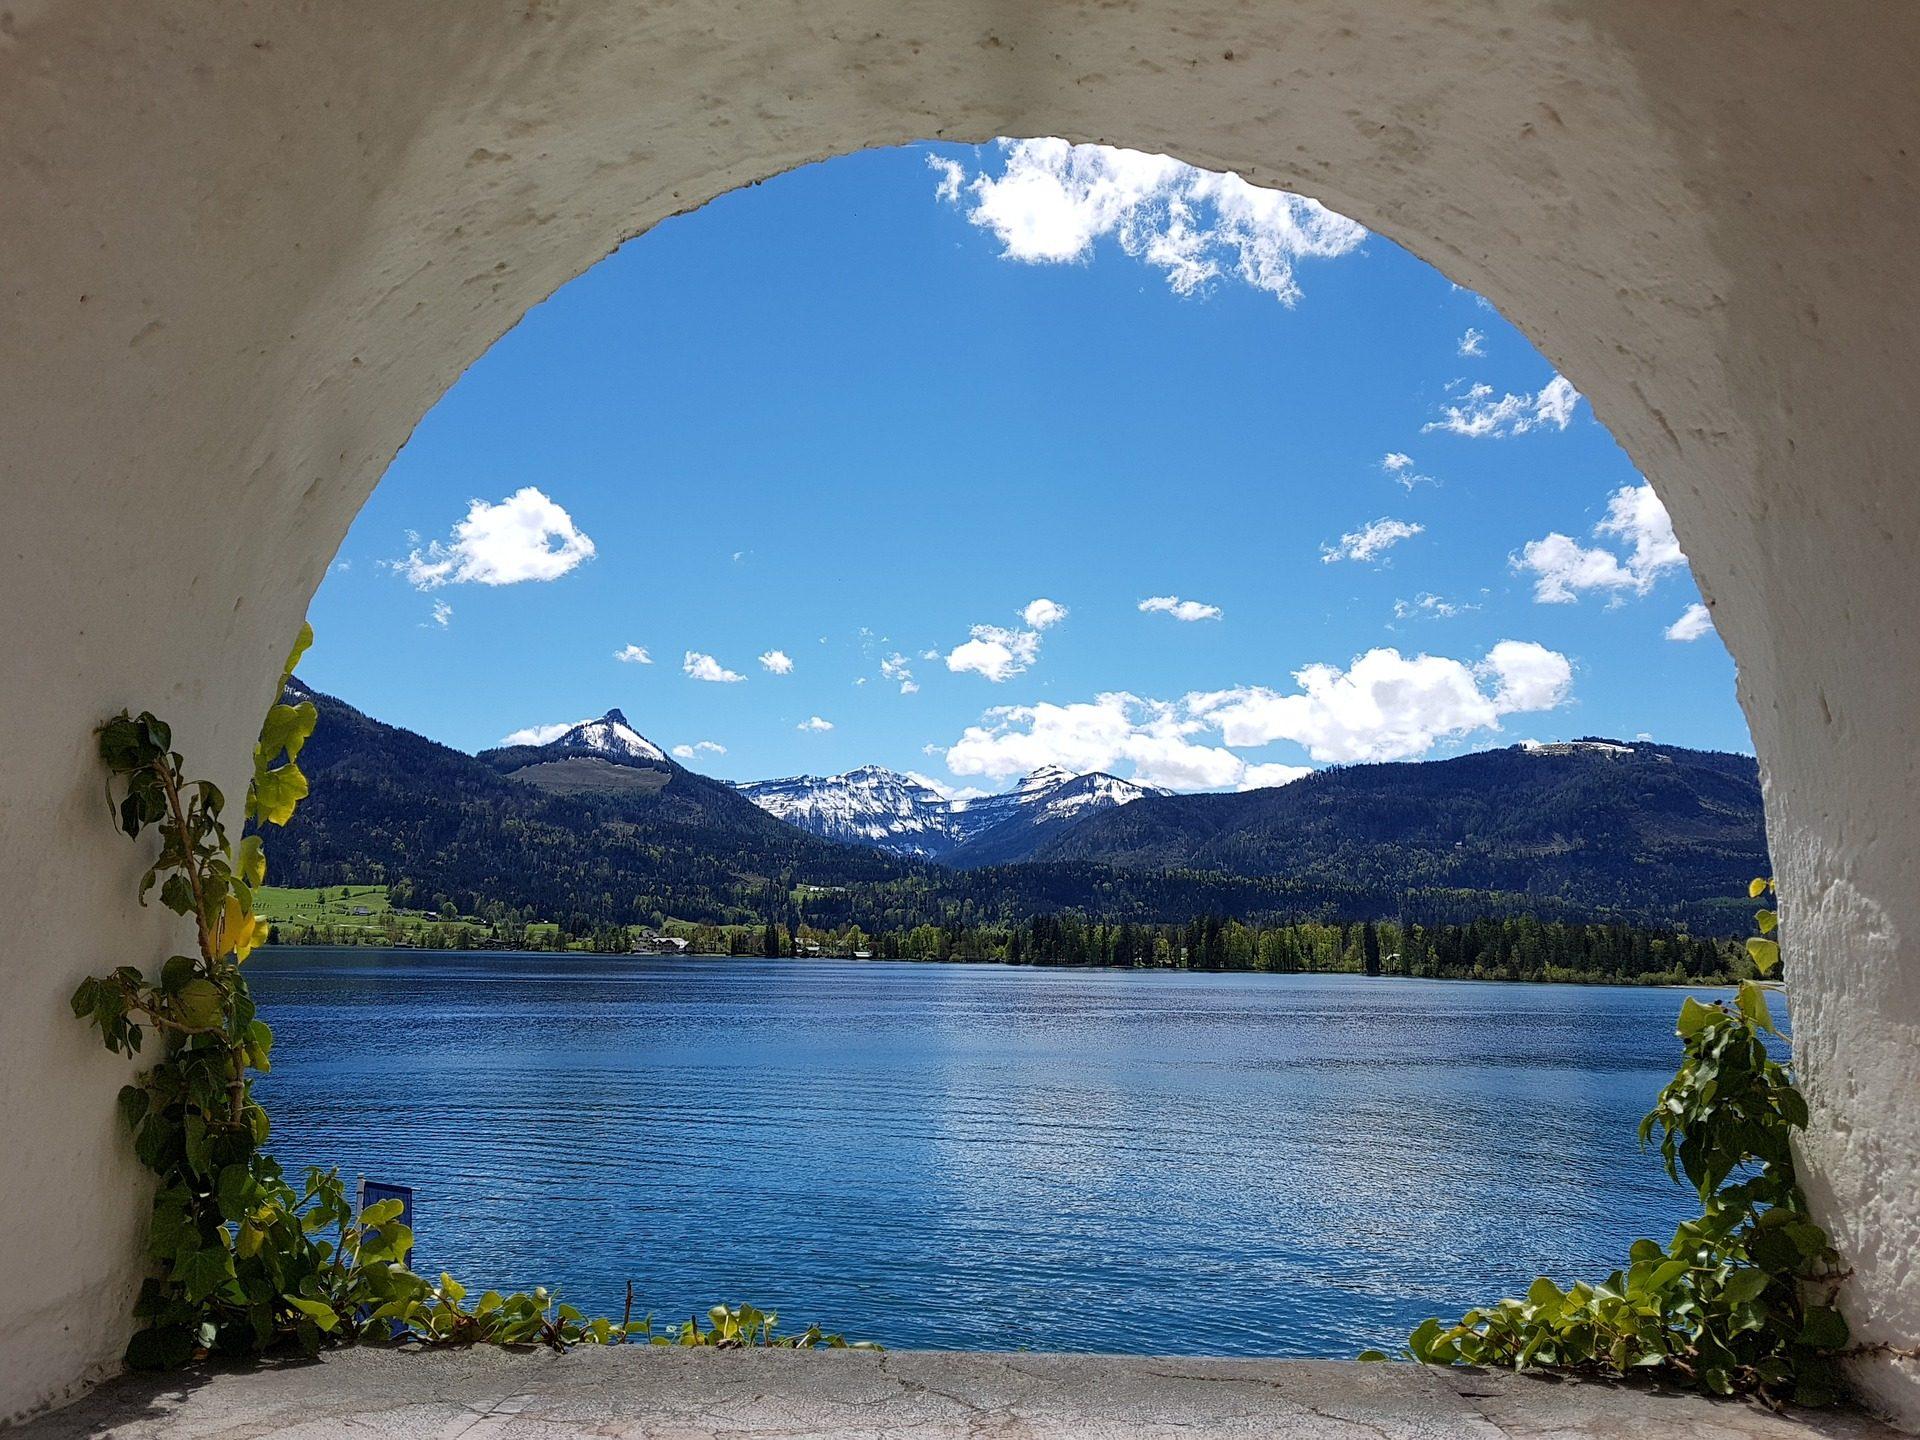 قوس, بحيرة, الجبال, الأشجار, الثلج, السماء, السحب. - خلفيات عالية الدقة - أستاذ falken.com